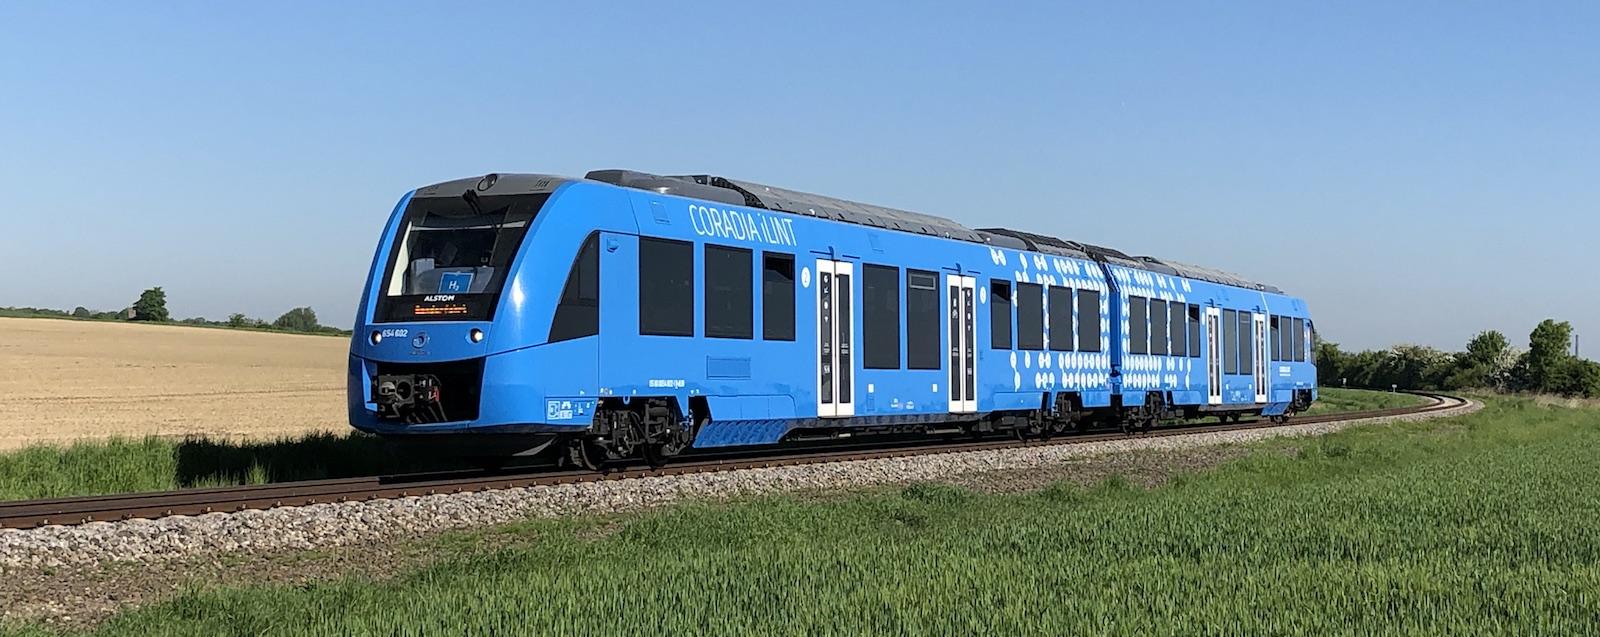 Společnost Alstom navrhla první vlak poháněný vodíkem